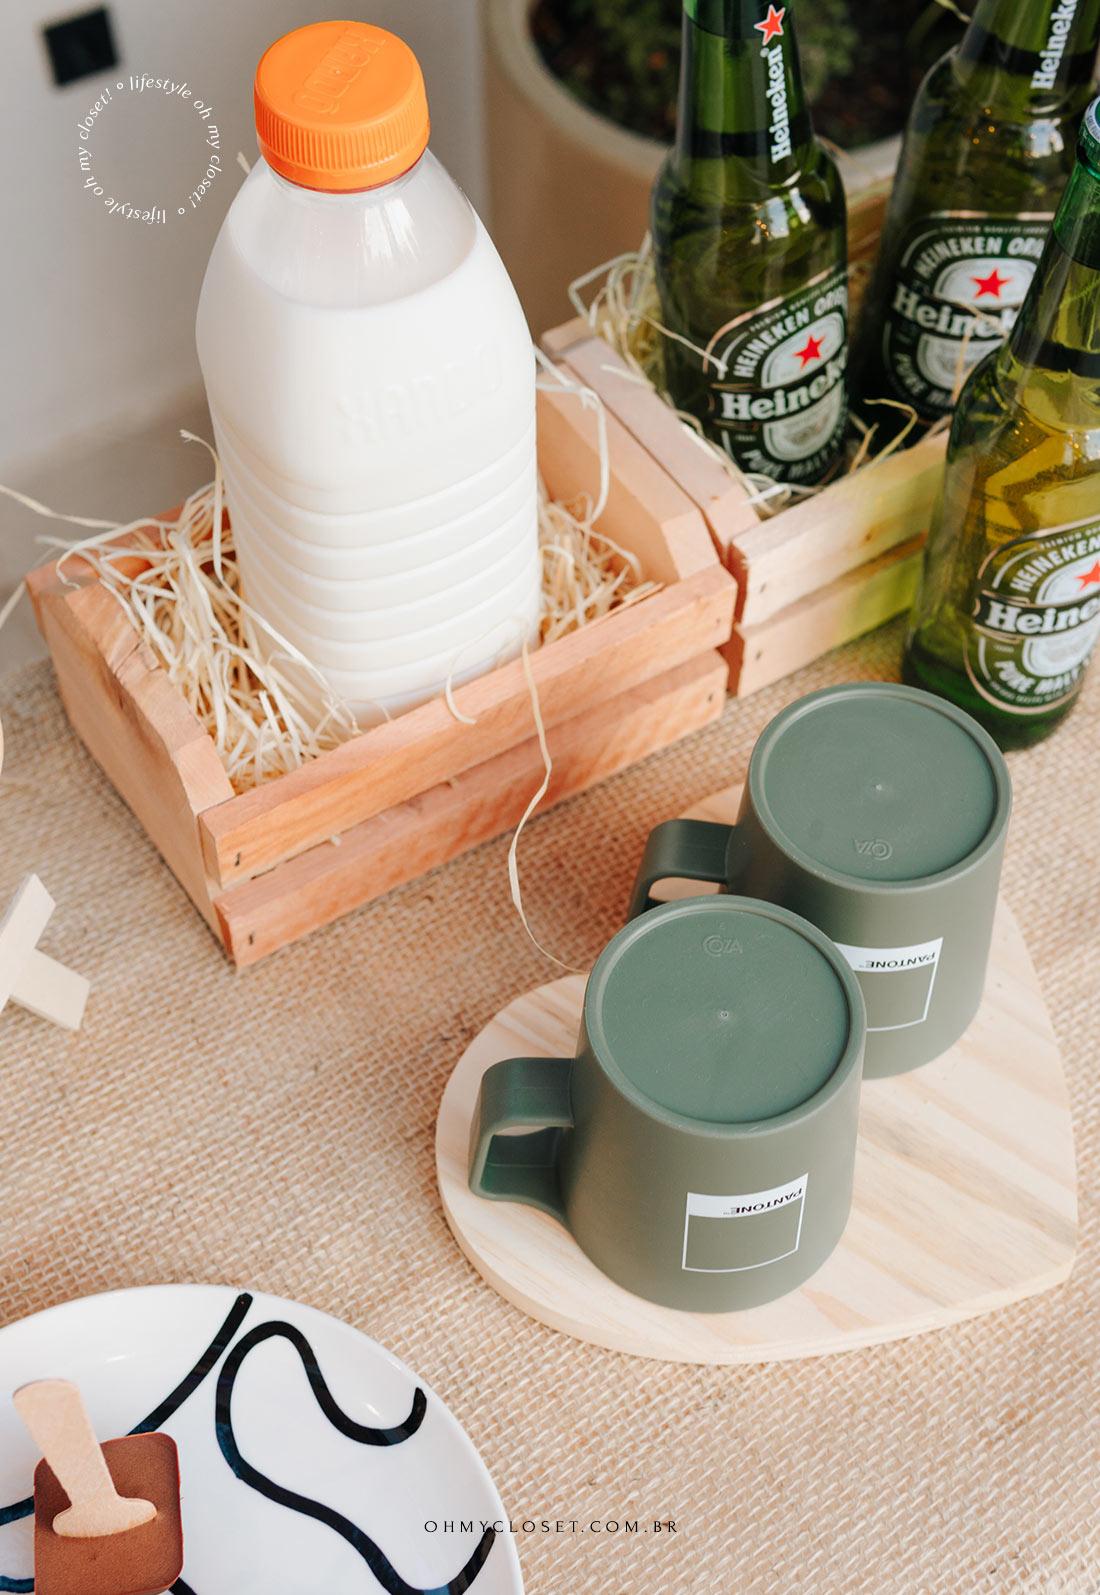 Garrafa de leite em mini caixa de laranja